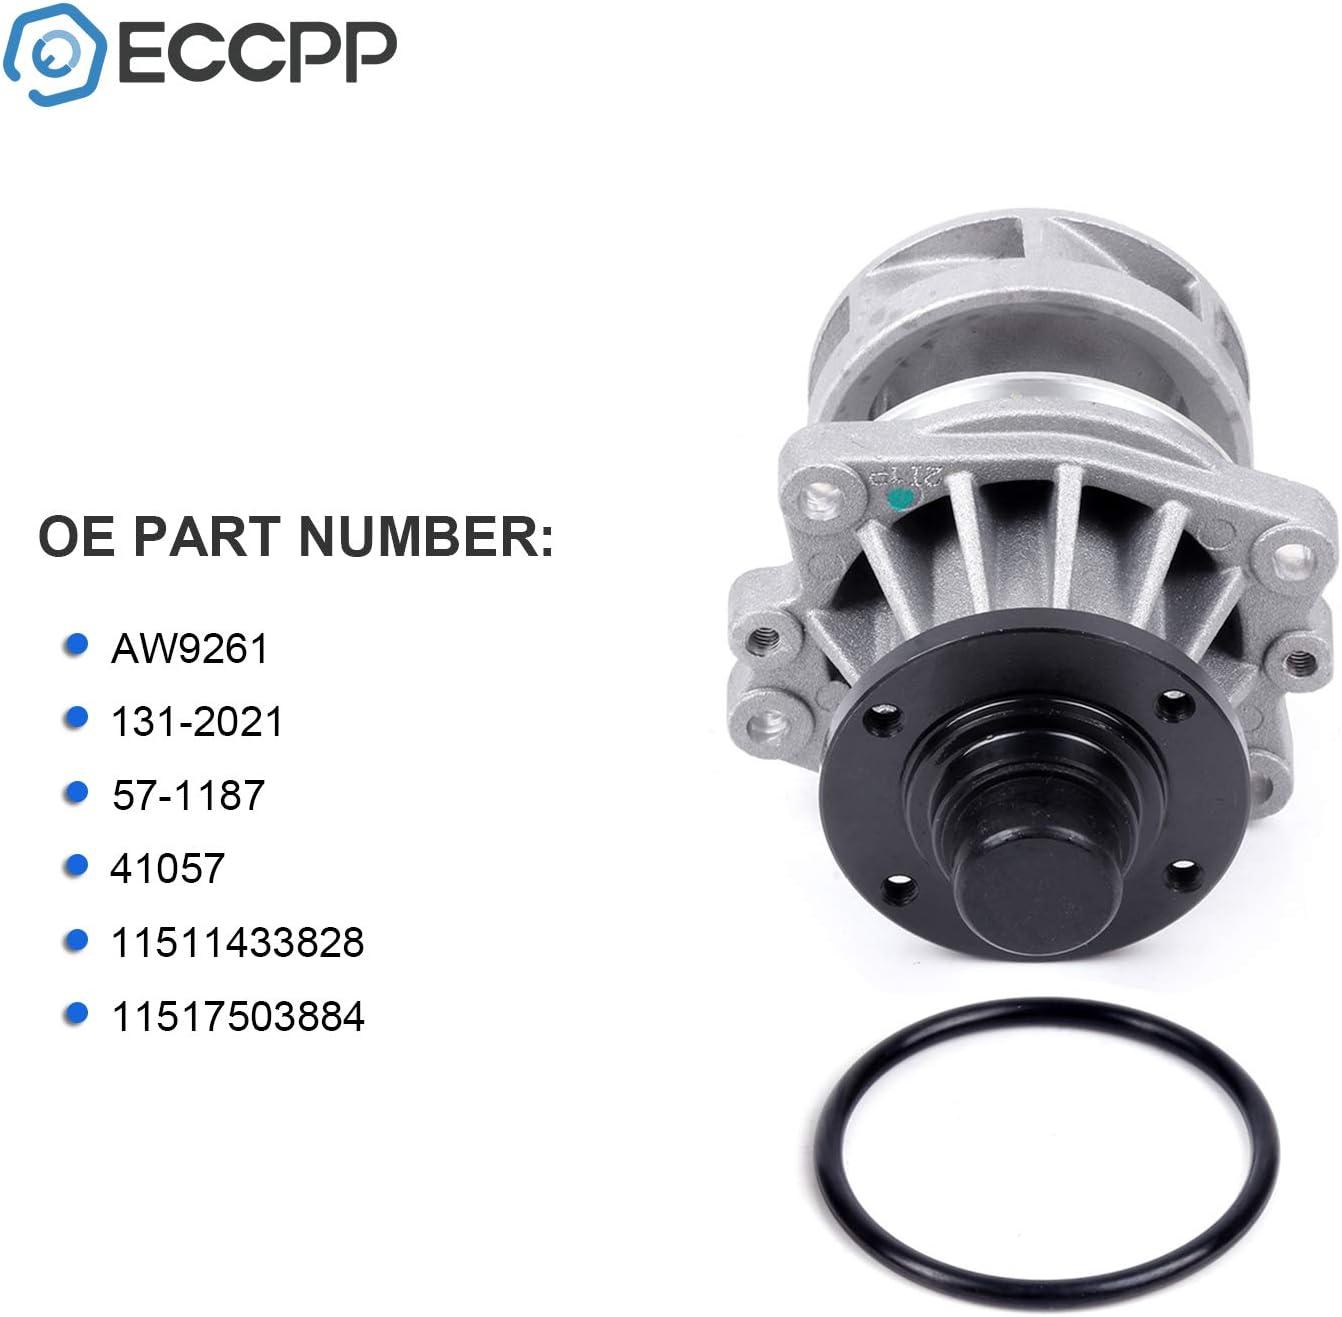 ECCPP Water Pump With Gaskets AW9261 Pump Fit for 1994 1995 BMW 320i,1993 BMW 525iT,1995 1996 1997 1998 1999 BMW M3,2004 2005 2006 BMW X3,2003 2004 2005 BMW Z4